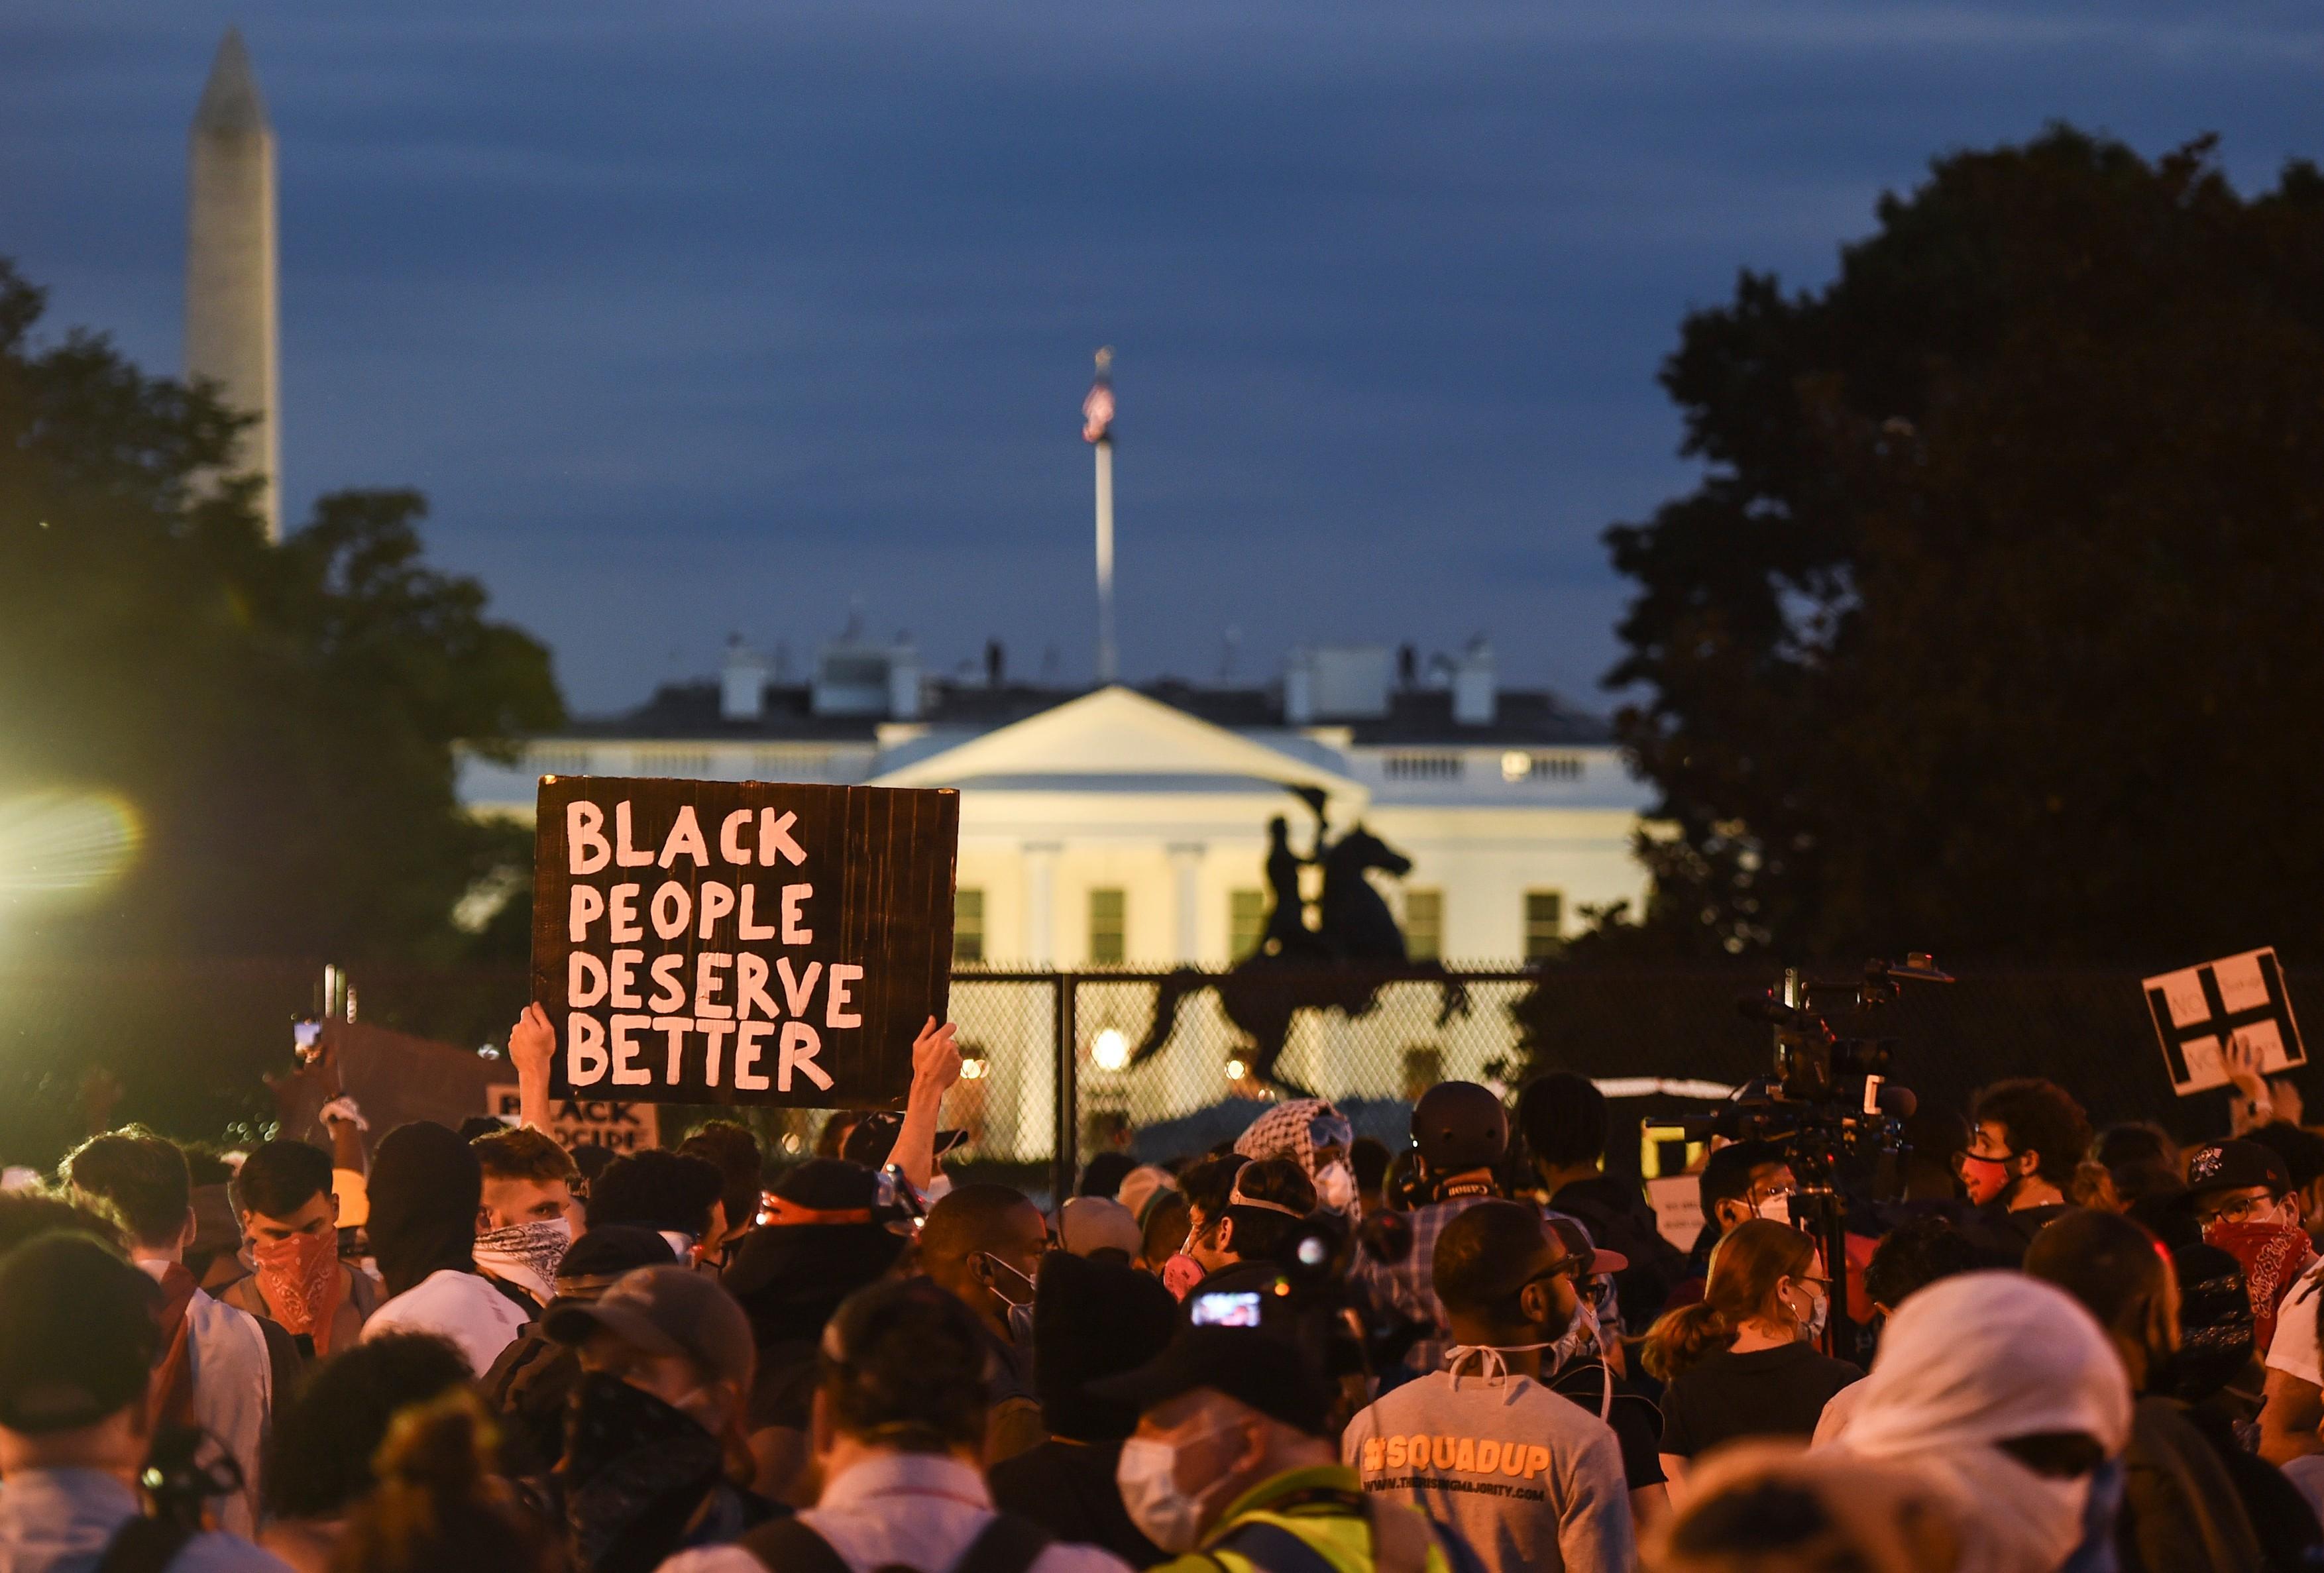 Protestele din SUA au continuat si marti seara. Pentagonul a trimis 1.600 de soldaţi in regiunea capitalei federale